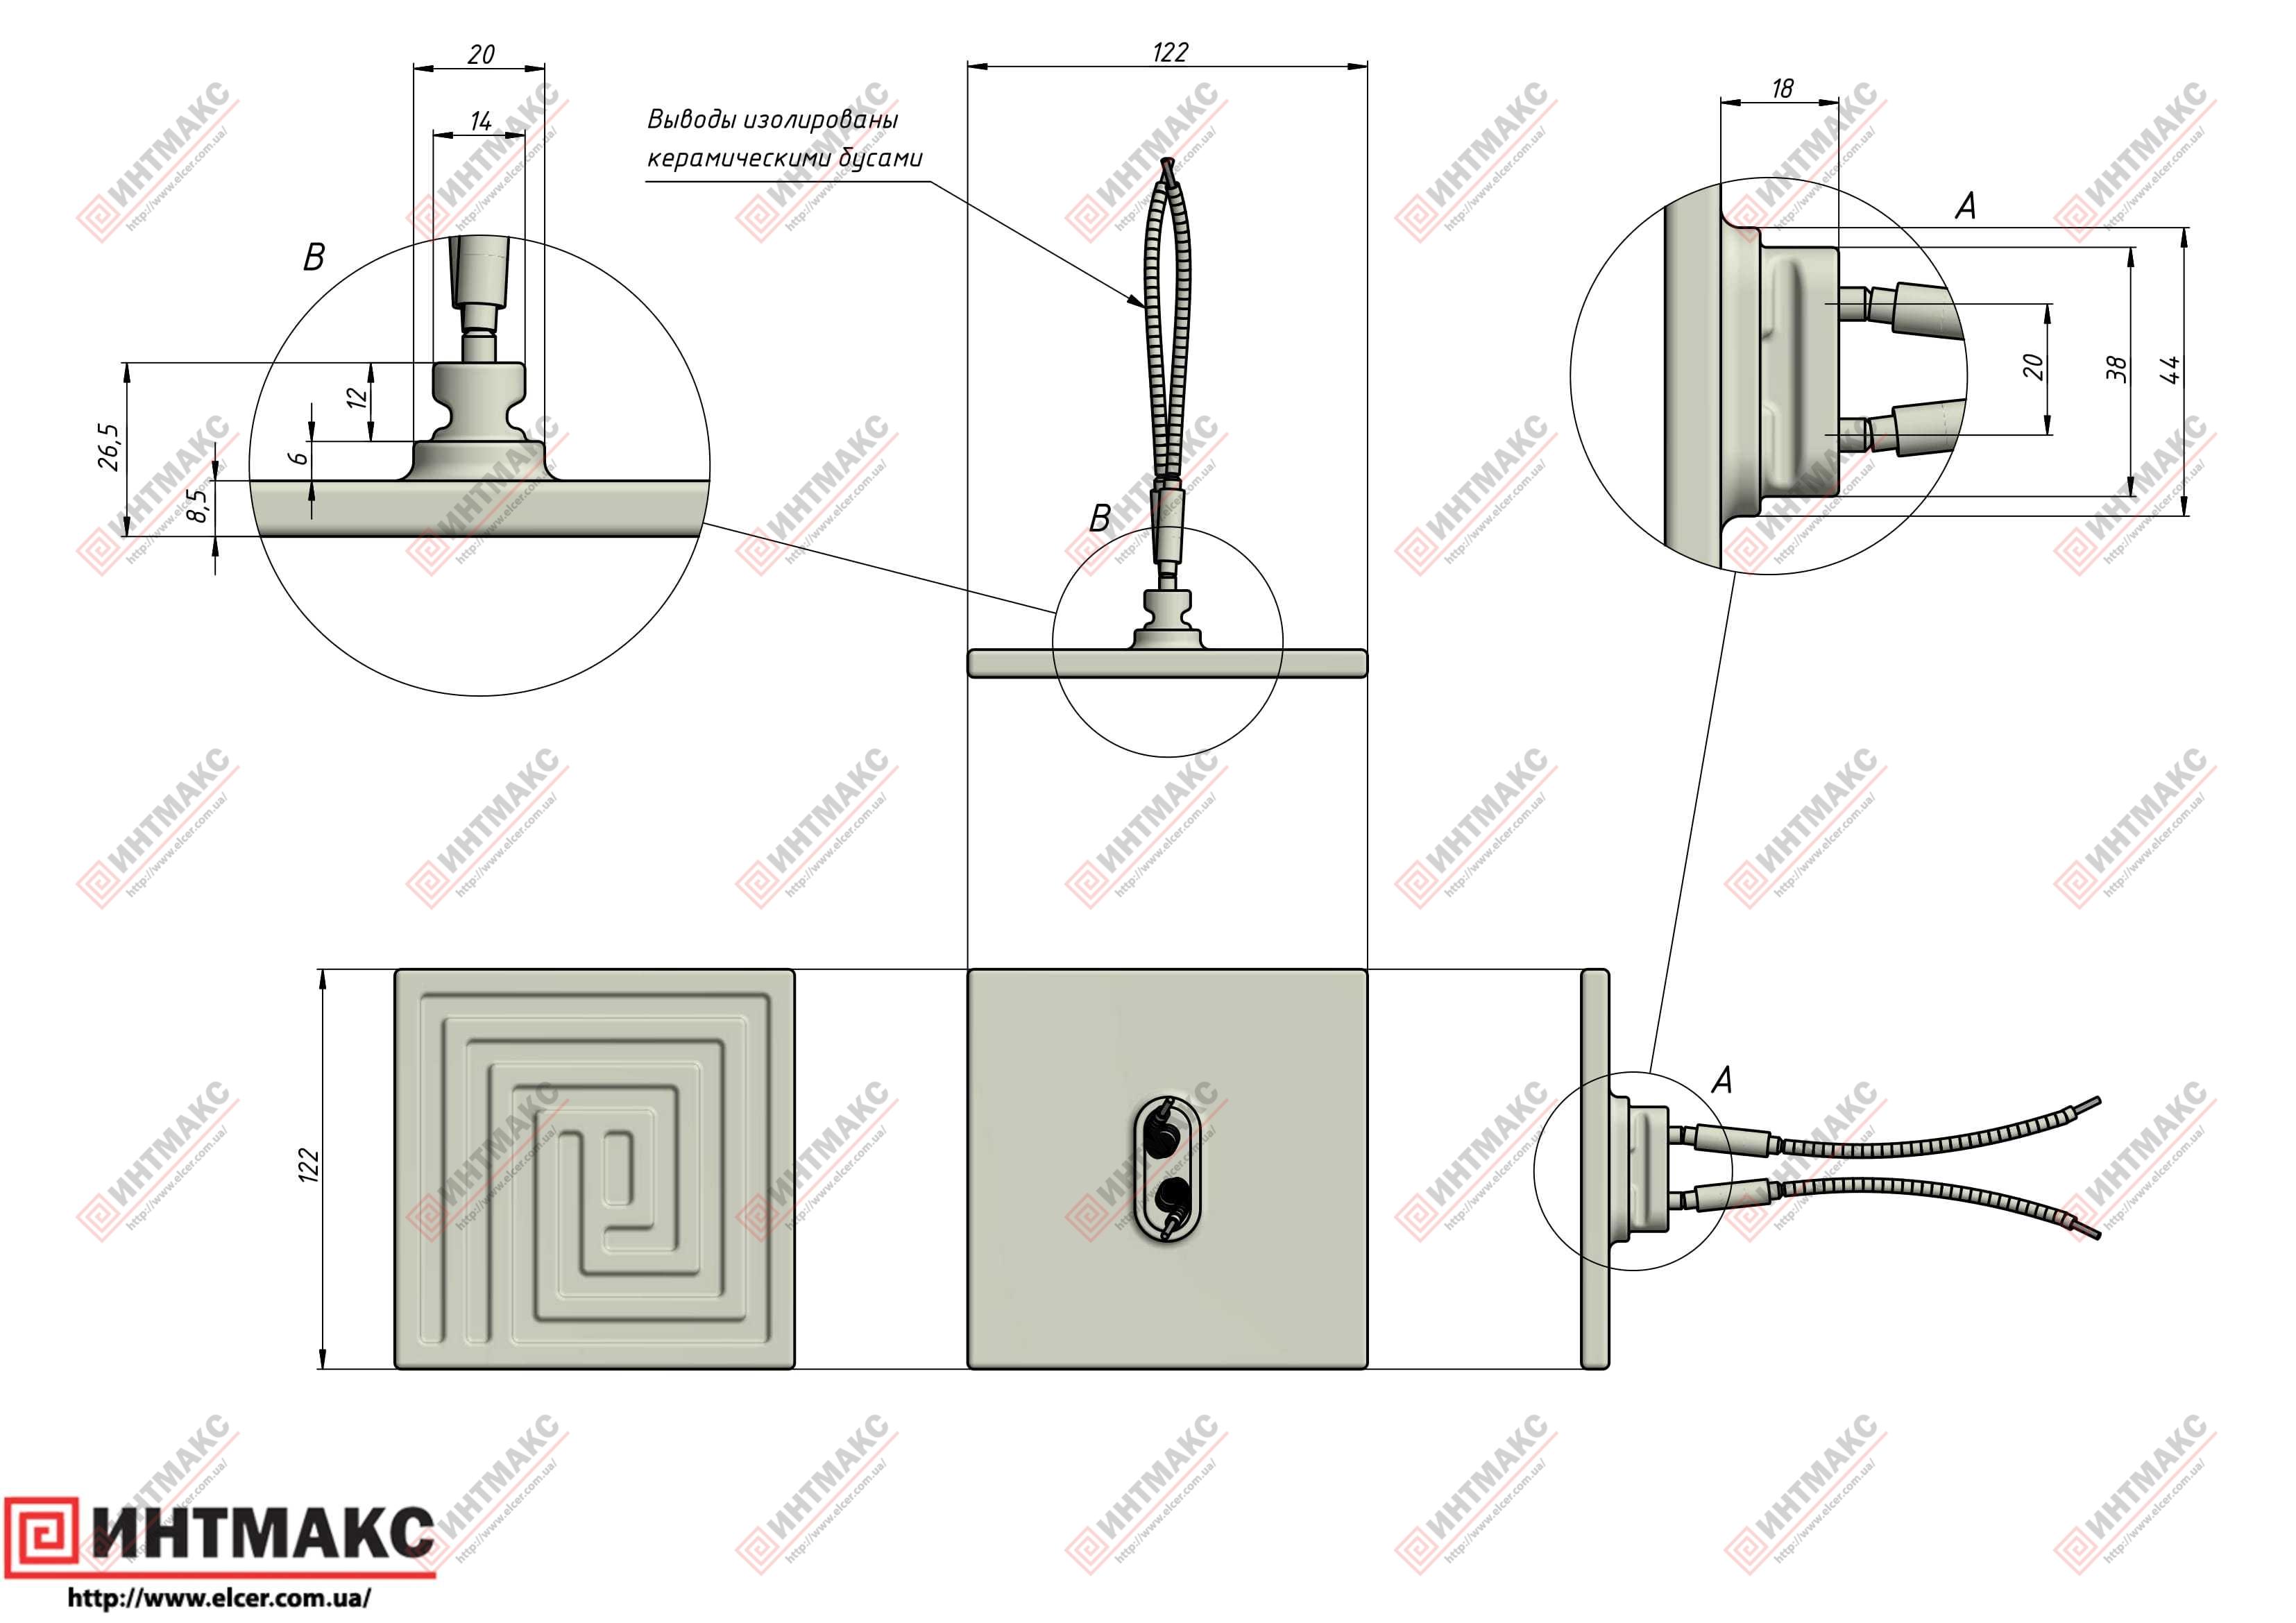 Керамический инфракрасный излучатель ECS3 чертеж